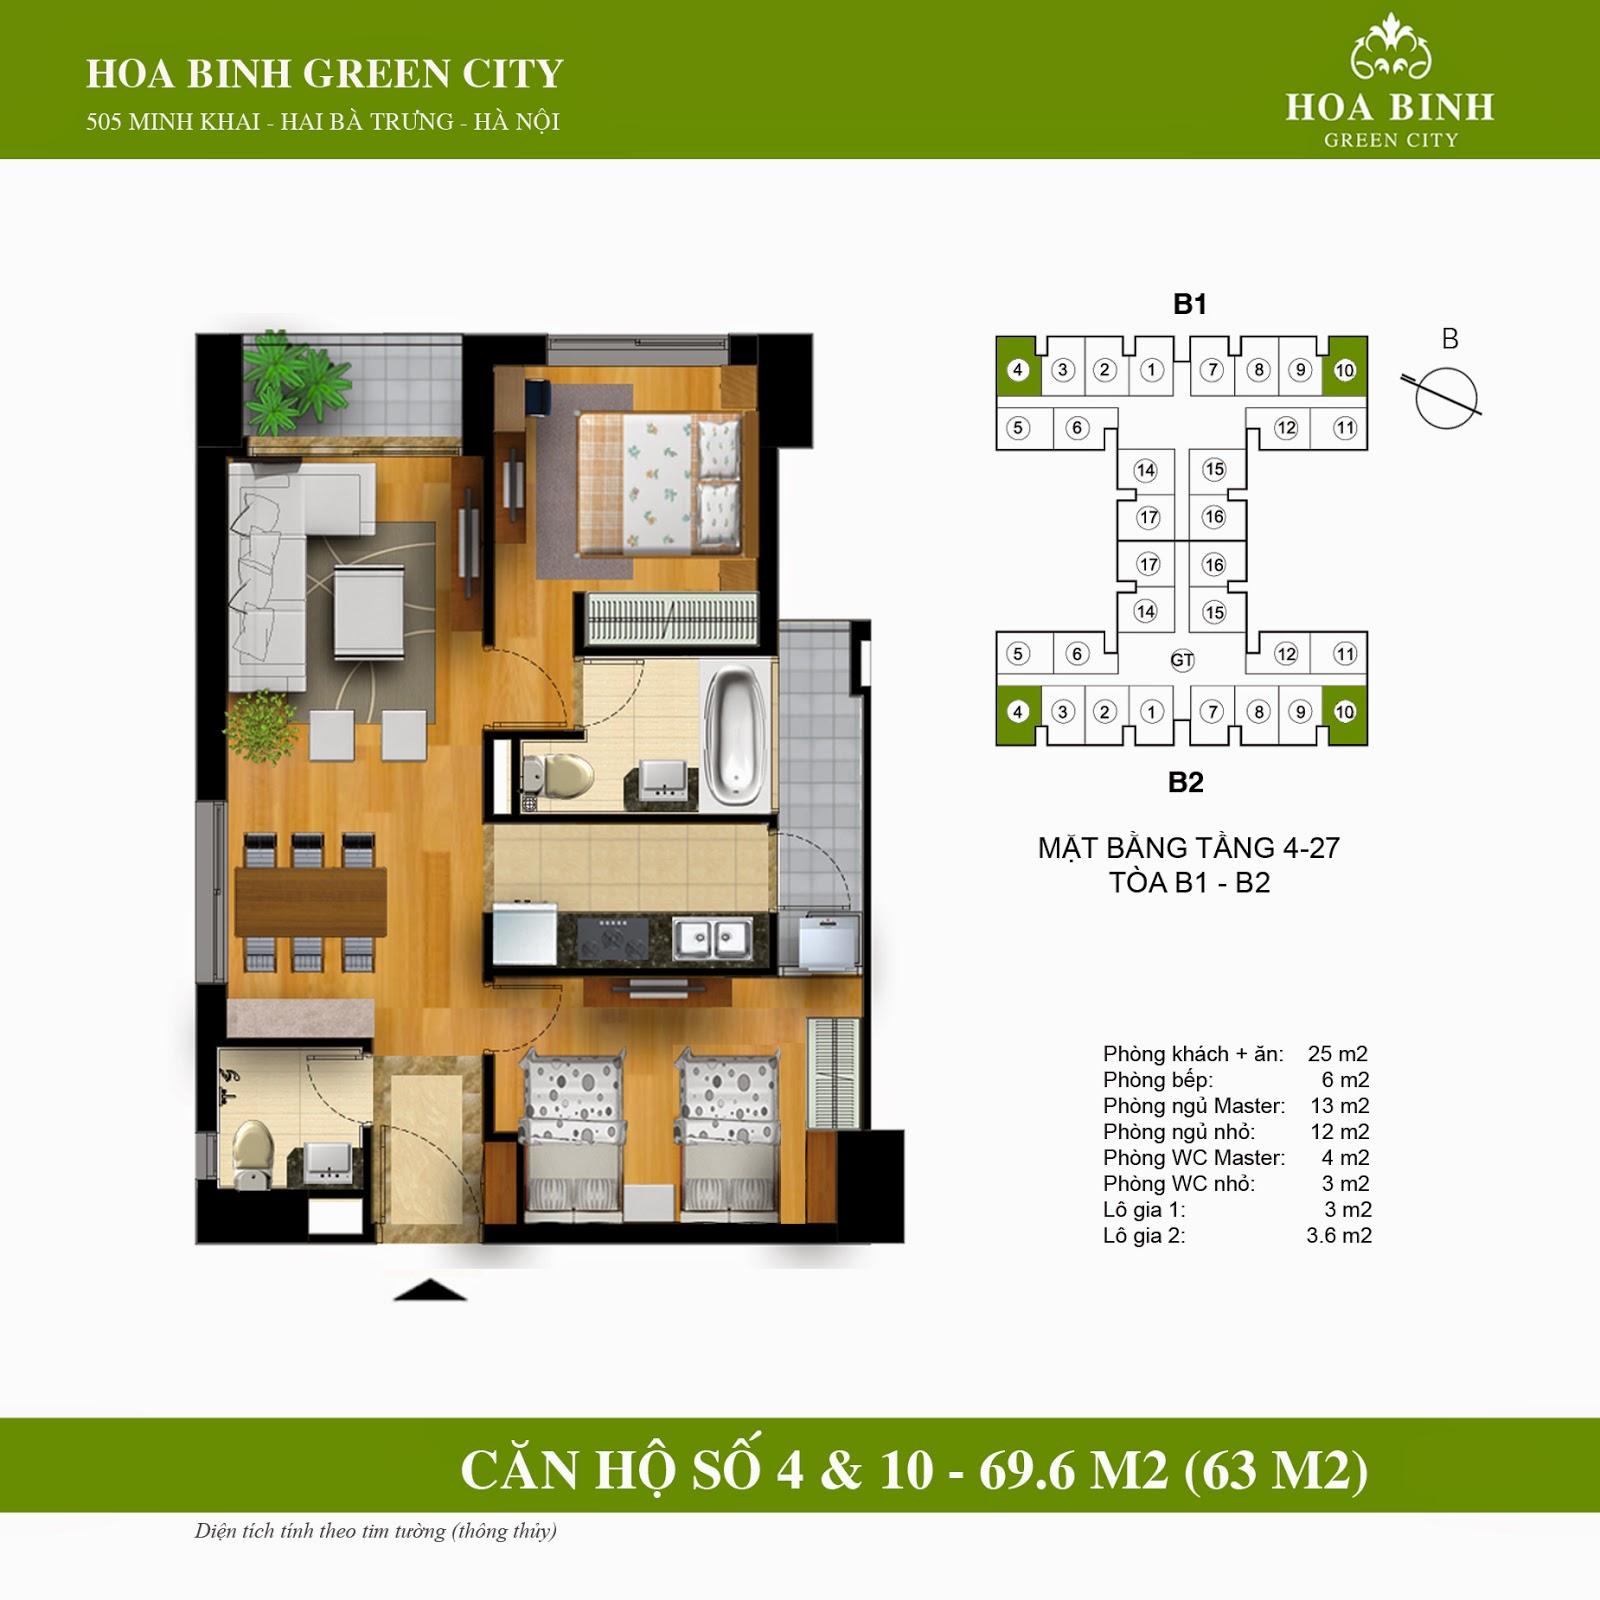 Hòa Bình Green City B 69,6m2